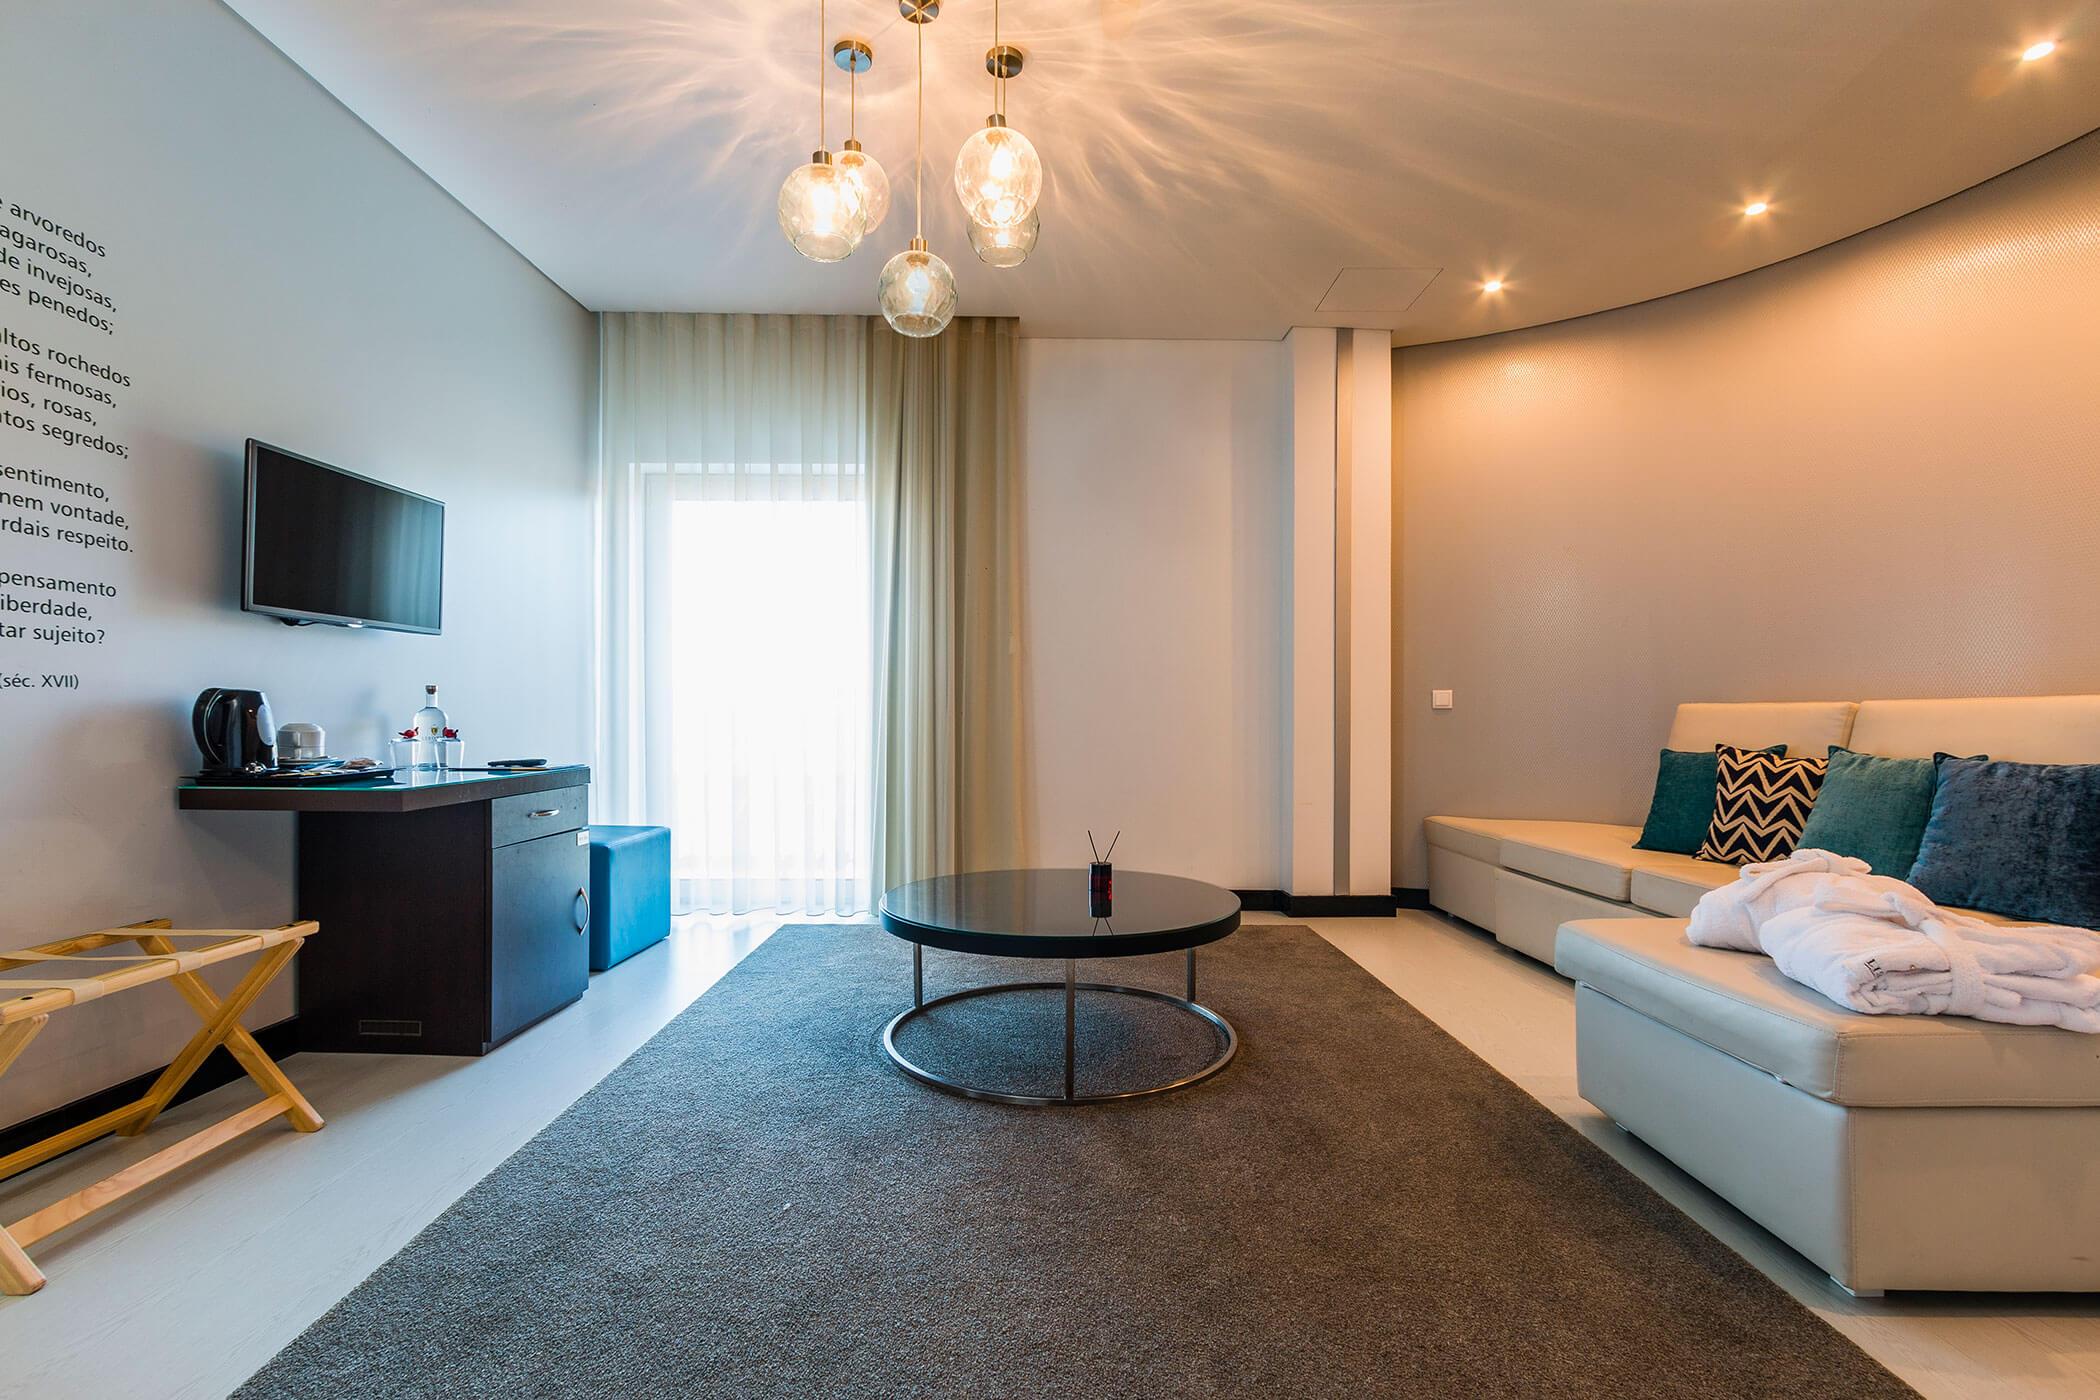 Suite Rio Lis, sala de estar espaçosa com sofas e televisão - Lisotel Hotel & Spa, Leiria